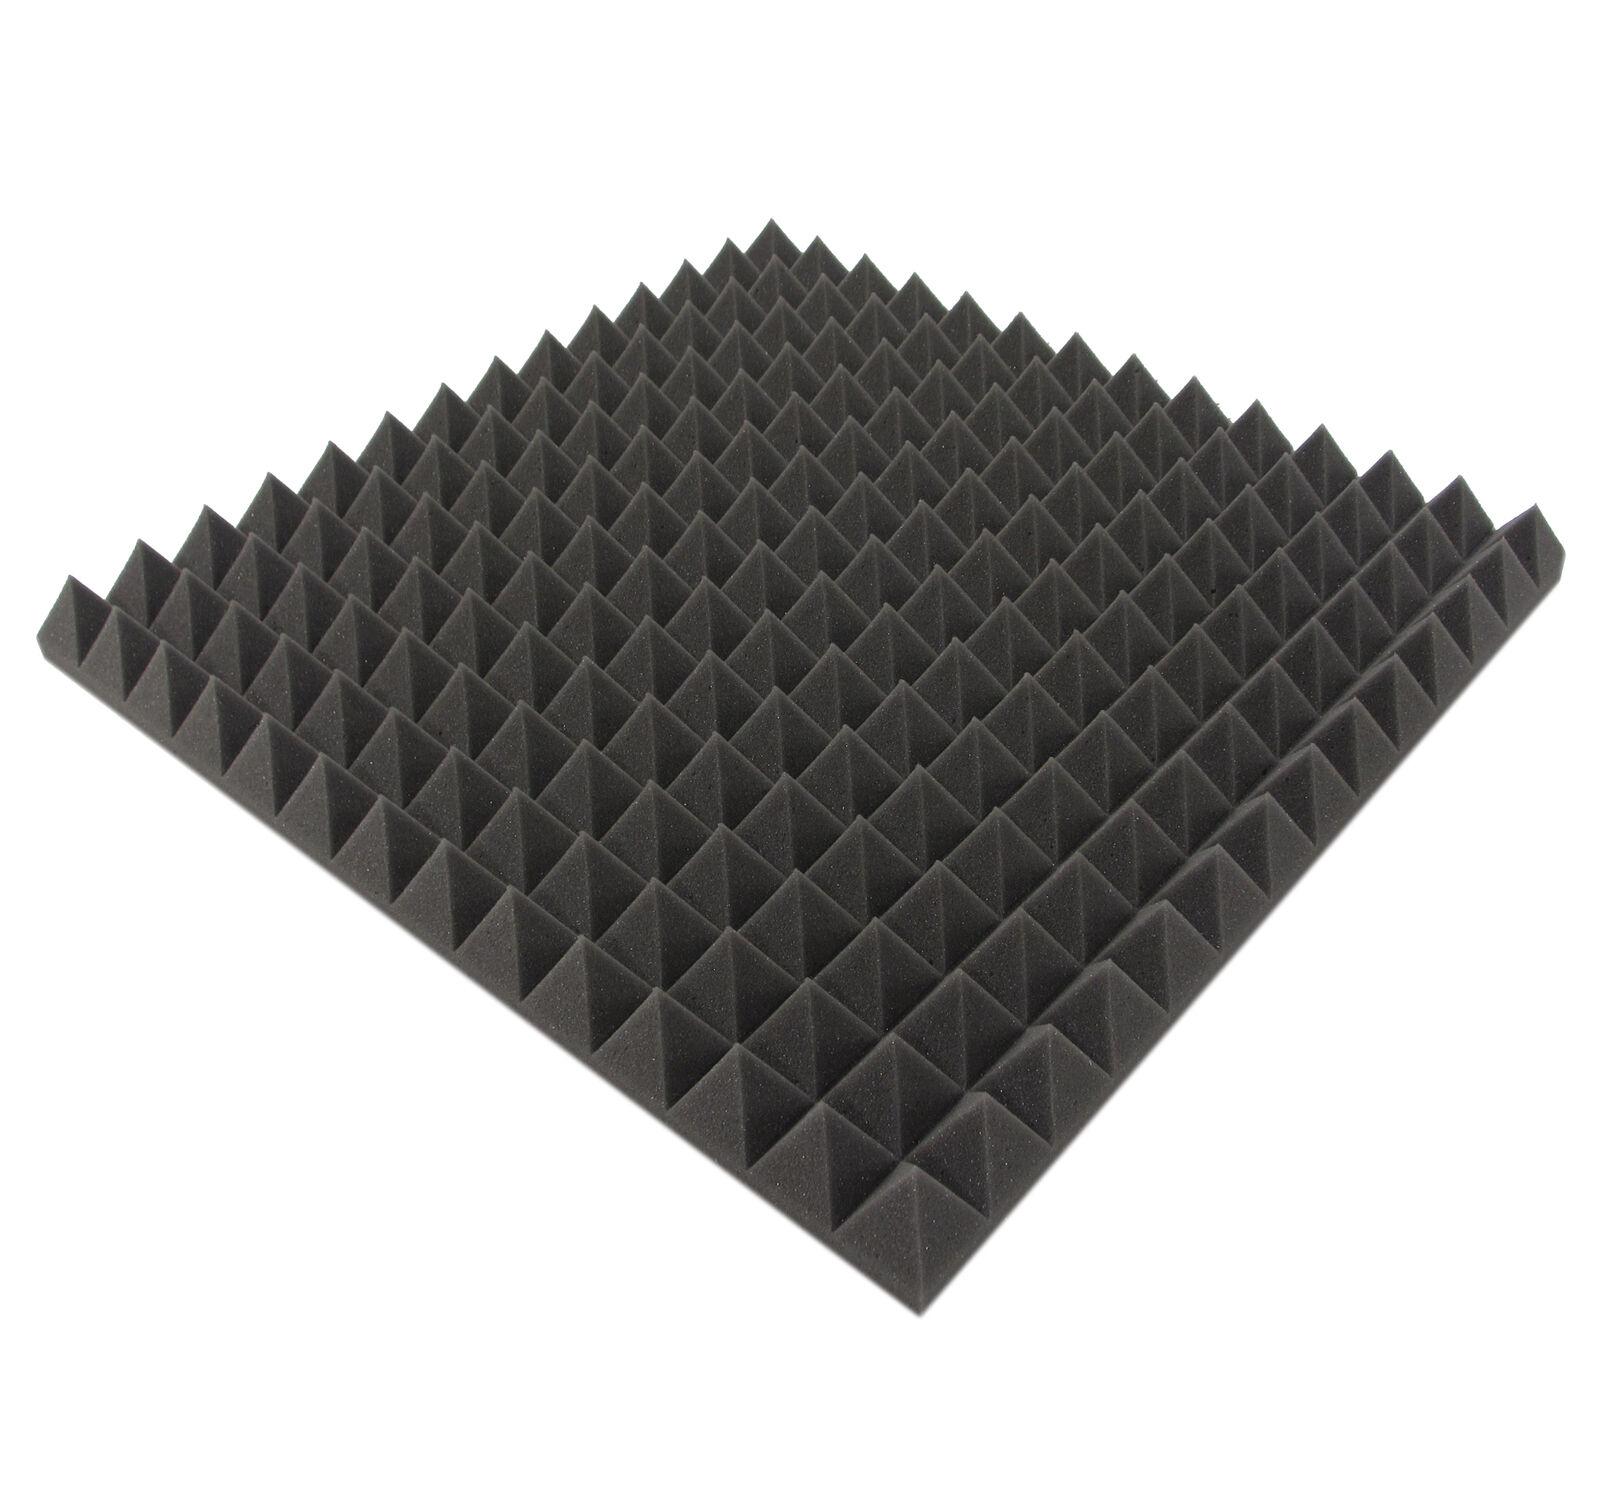 °° 50m² = 200st. °° Akustik ° PUR °Schaum °° Pyramiden °° Schaumstoff °° Dämmung